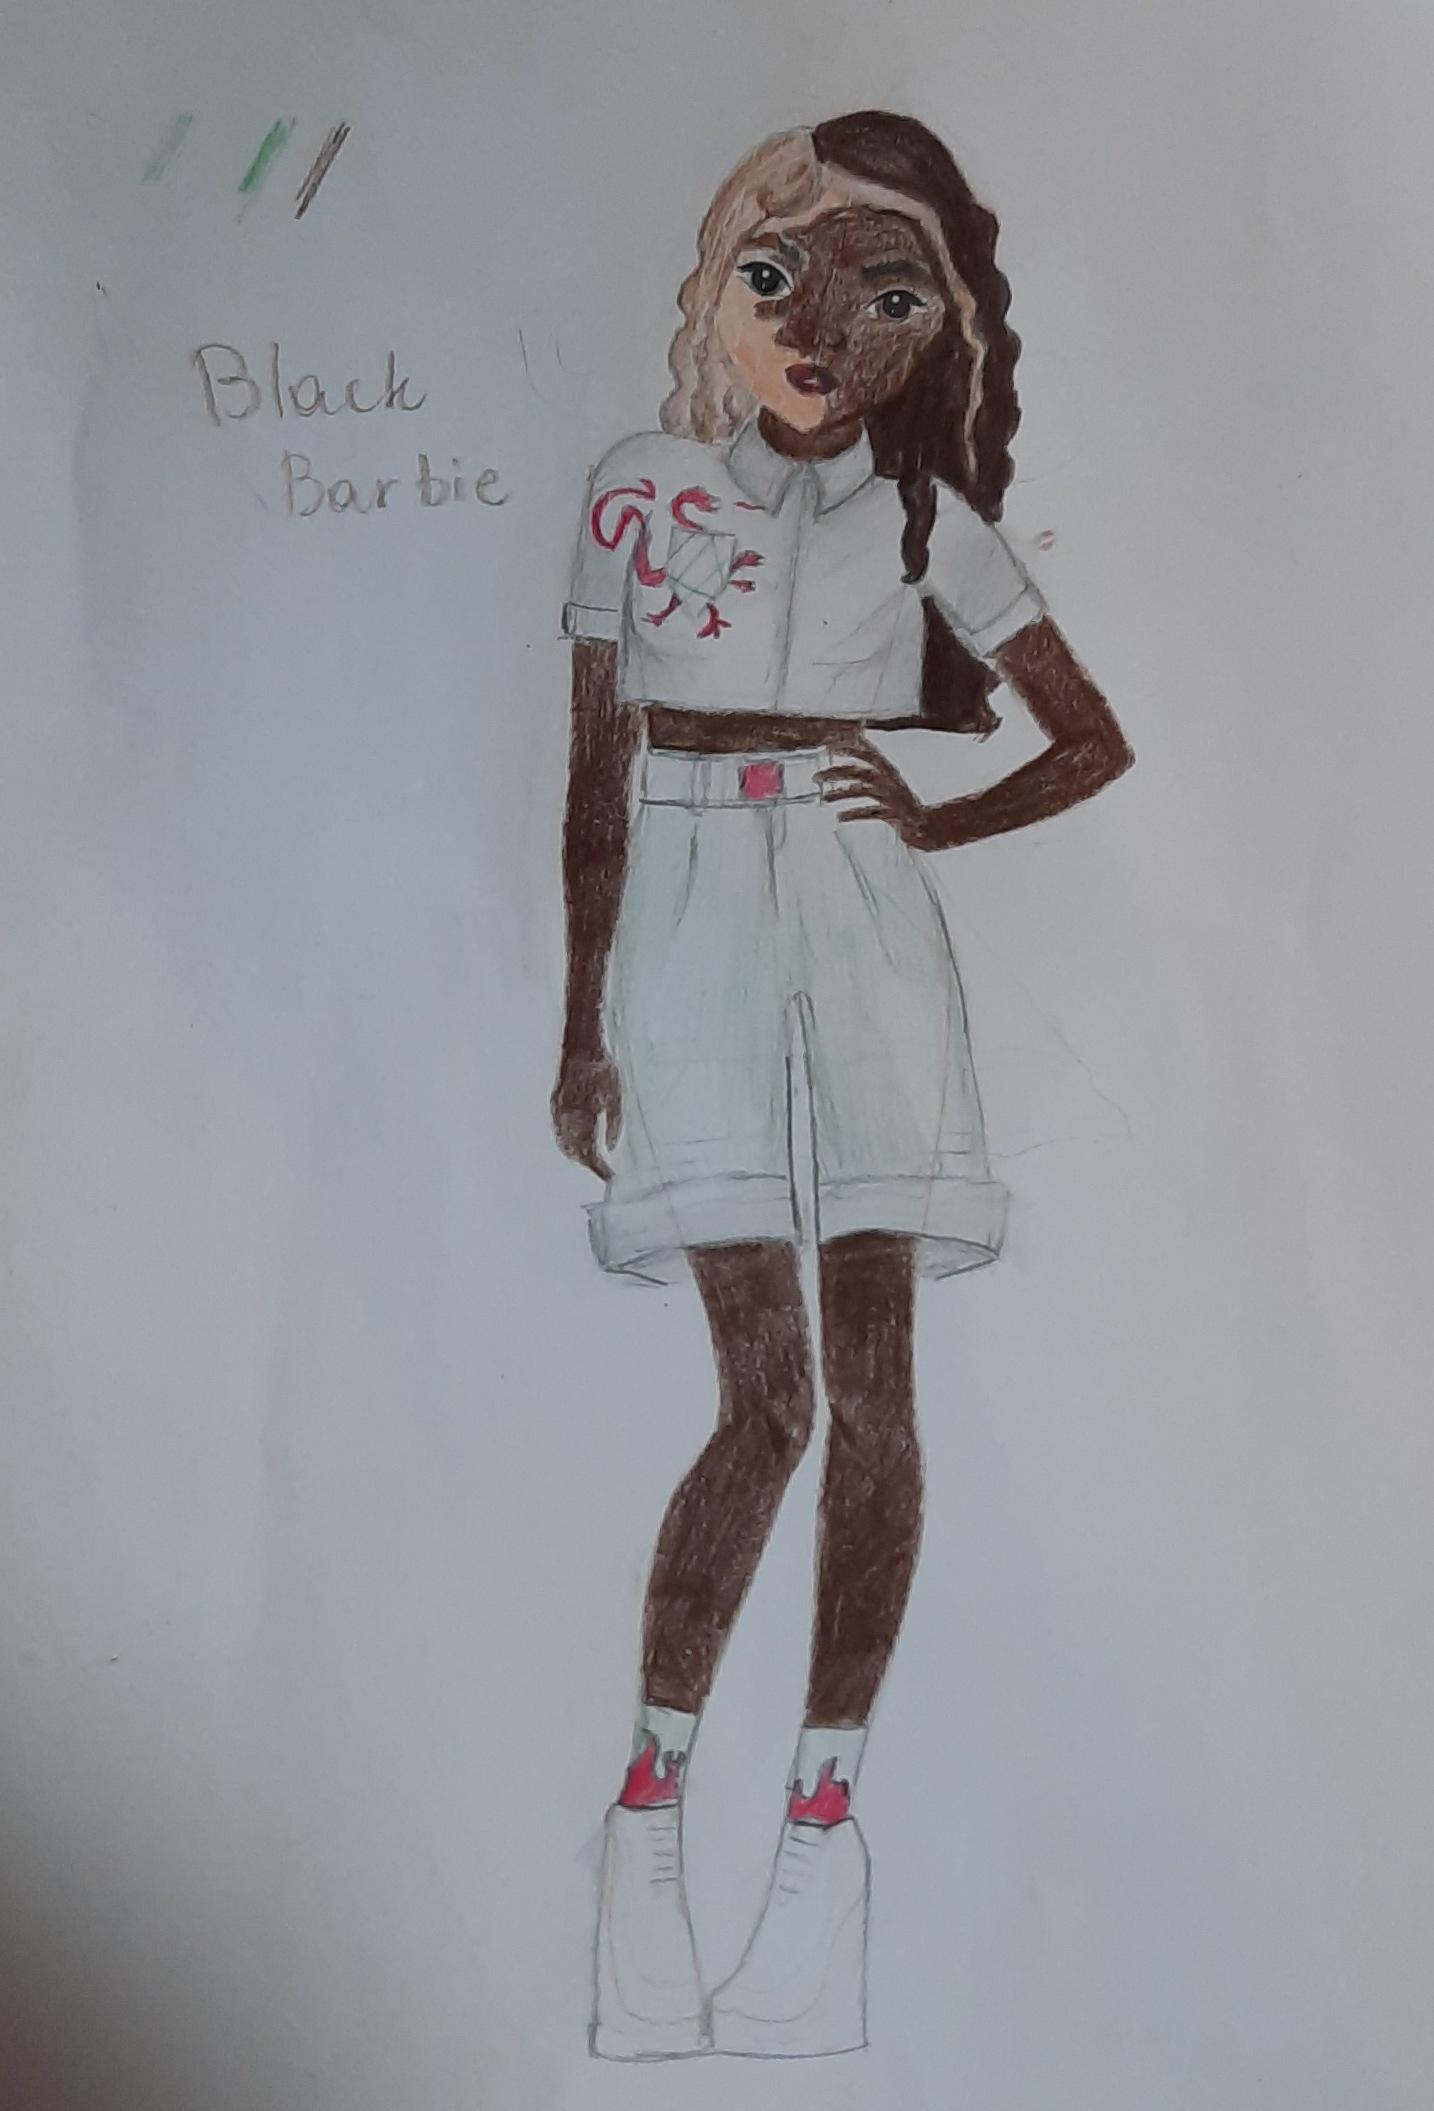 Dasha R., 13 Jahre, aus Belarus